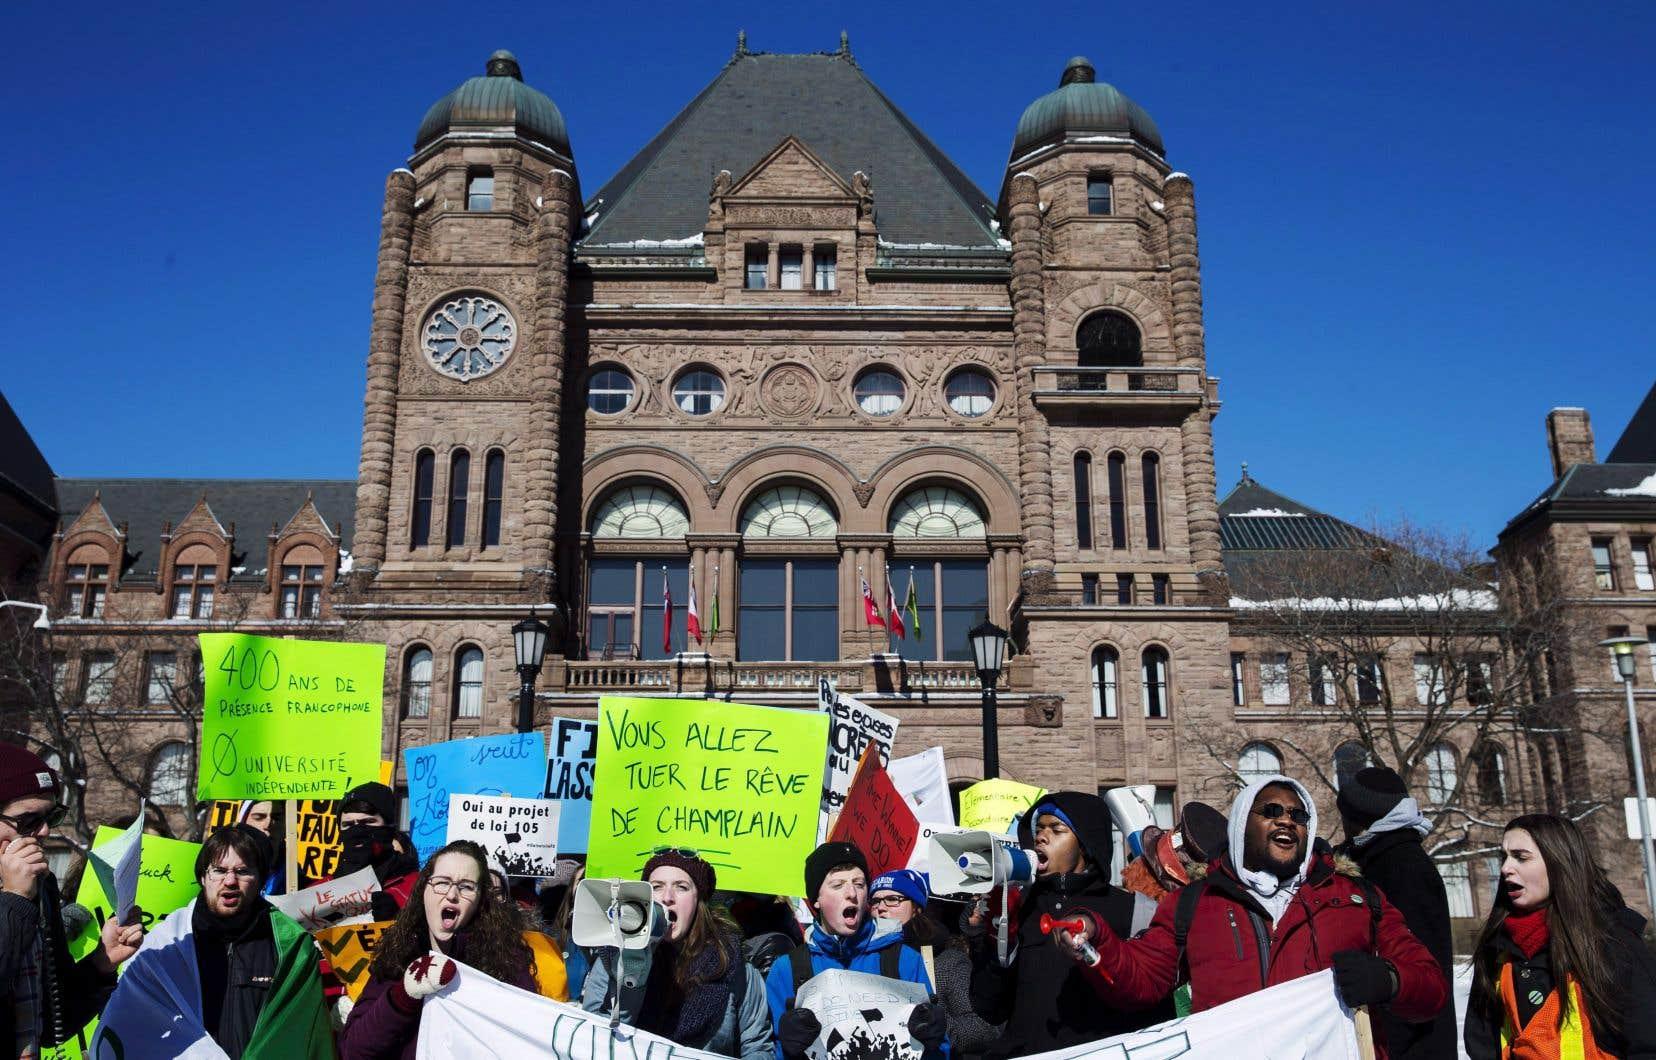 Des membres de la communauté franco-ontarienne avaient manifesté en février 2016 devant l'Assemblée législative de l'Ontario, à Queen's Park à Toronto, pour réclamer la création d'une université francophone.